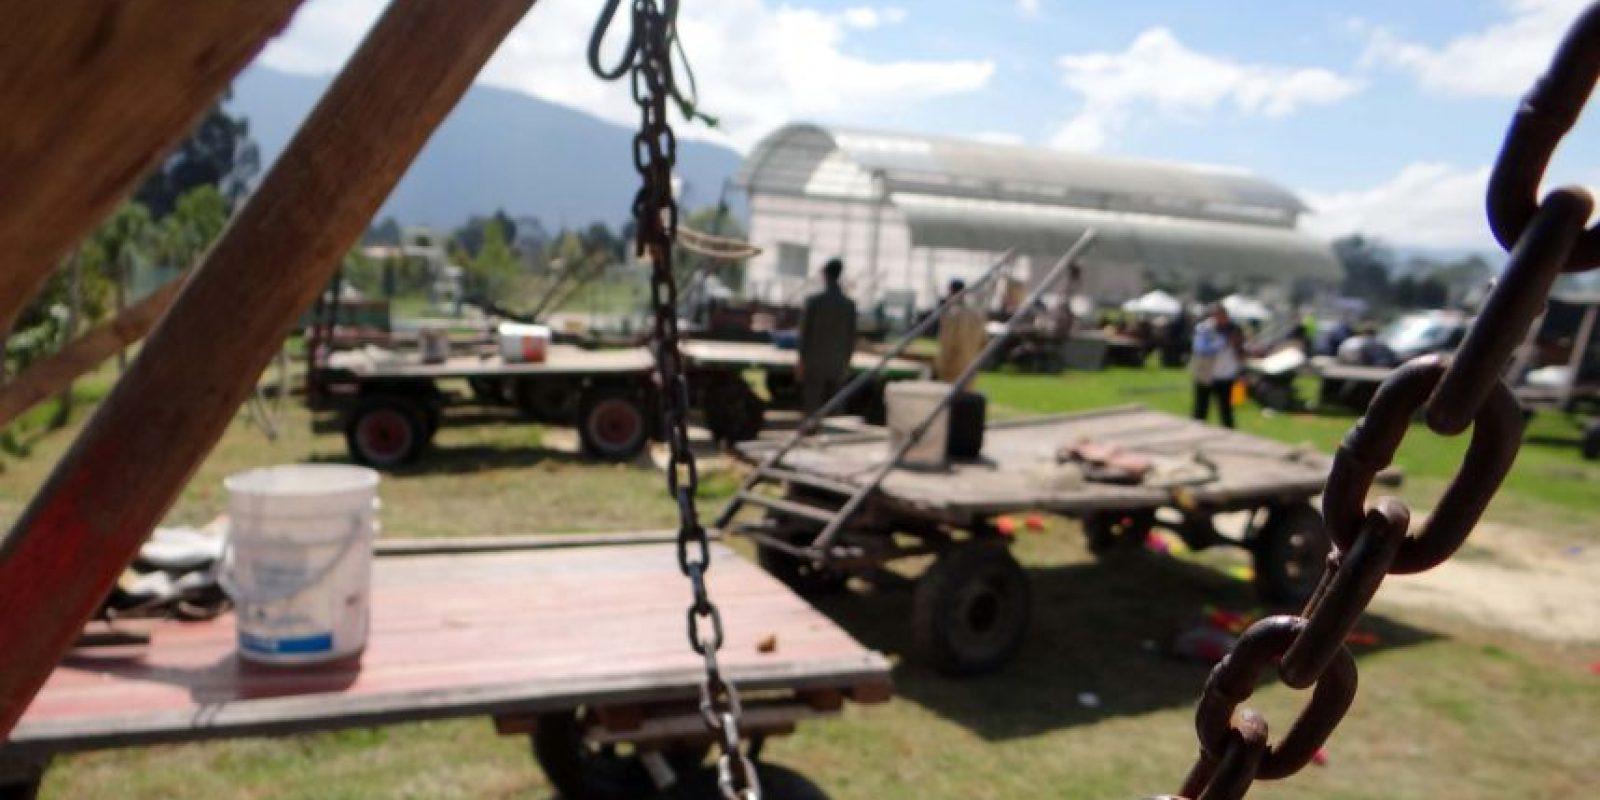 Esta imagen de las carretas se espera que solo sea un recuerdo de la ciudadanía. A partir de septiembre ningún vehículo de tracción animal podrá transitar en Bogotá. Foto:Diego Hernán Pérez/PUBLIMETRO